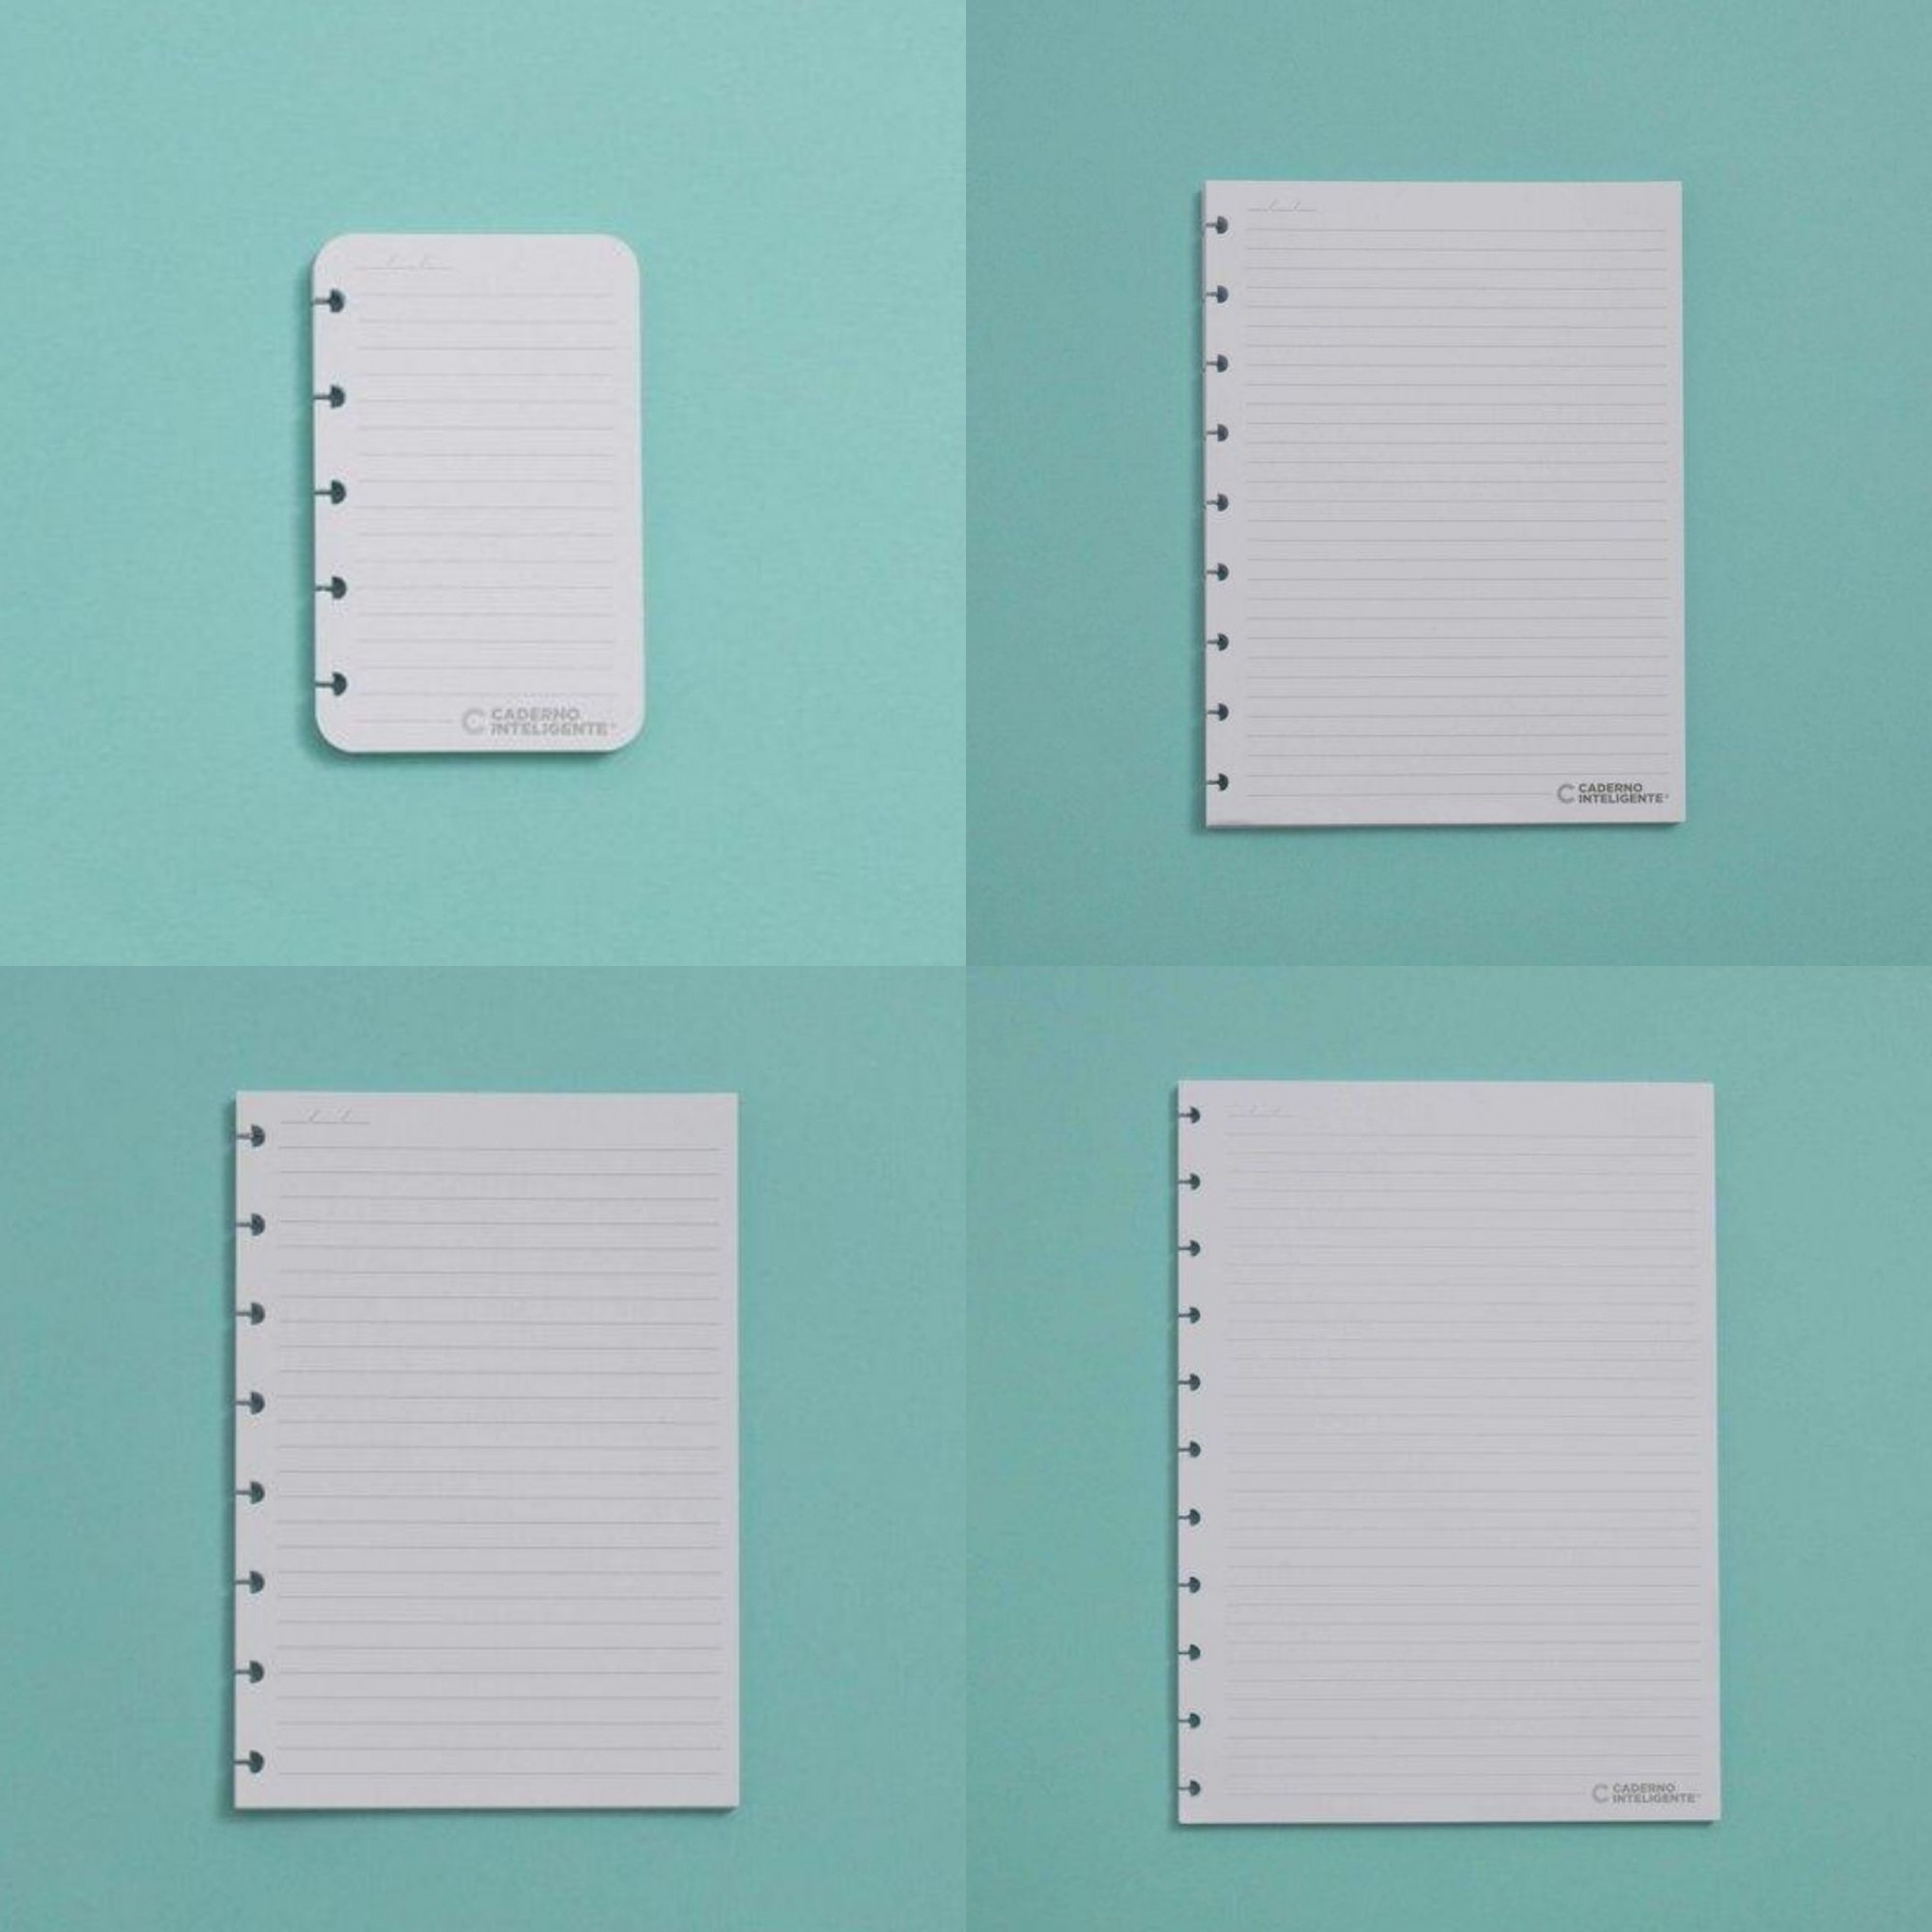 Refil Caderno Inteligente Pautado